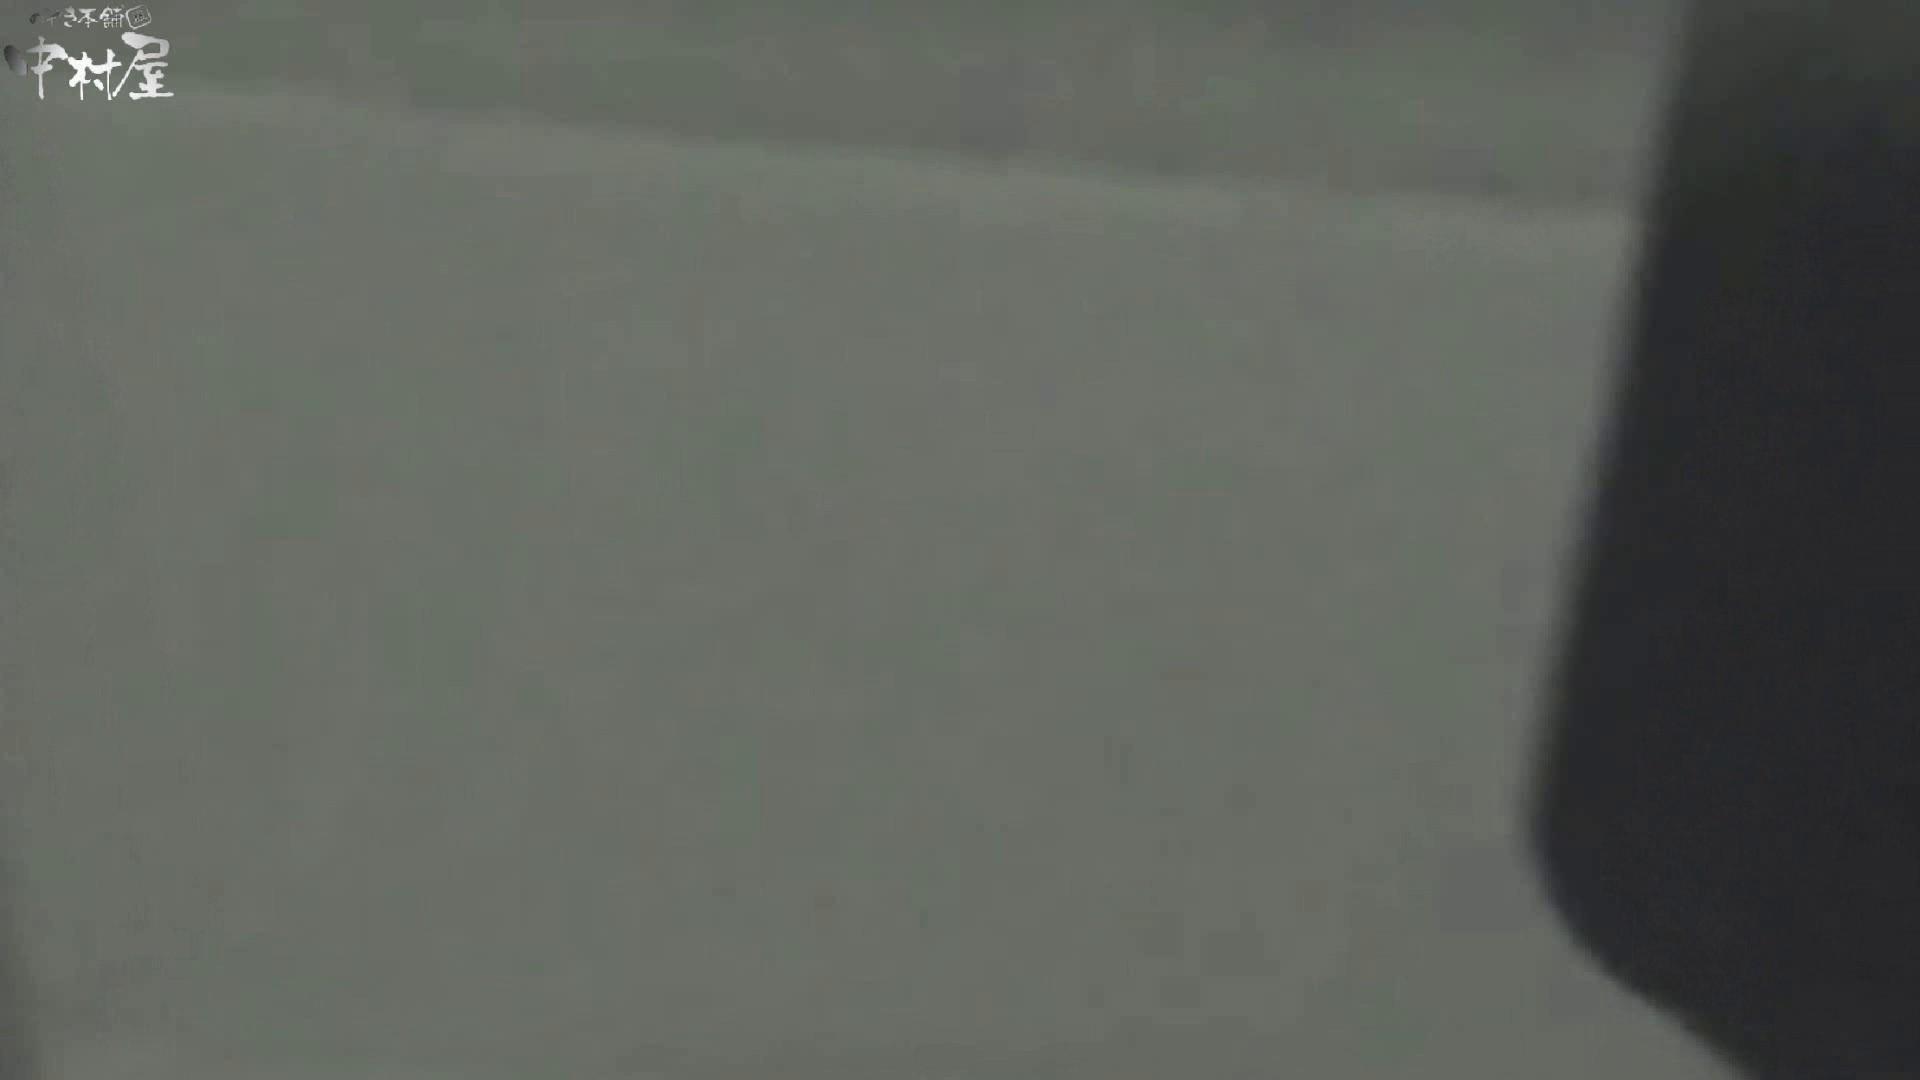 解禁!海の家4カメ洗面所vol.08 洗面所突入 戯れ無修正画像 107pic 94